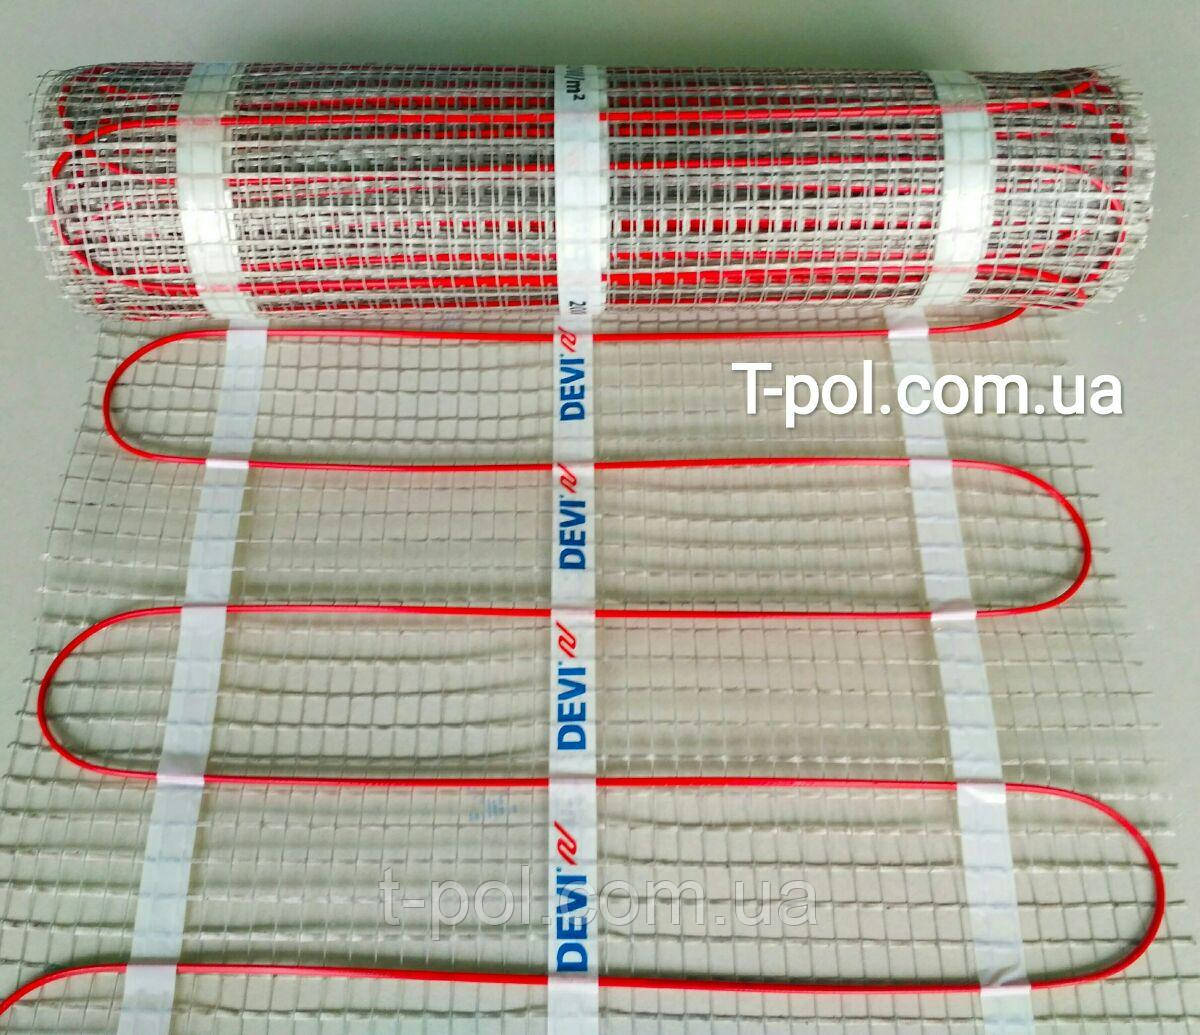 Теплый пол Devi нагревательный мат devicomfort dtir-150t на 10 м2